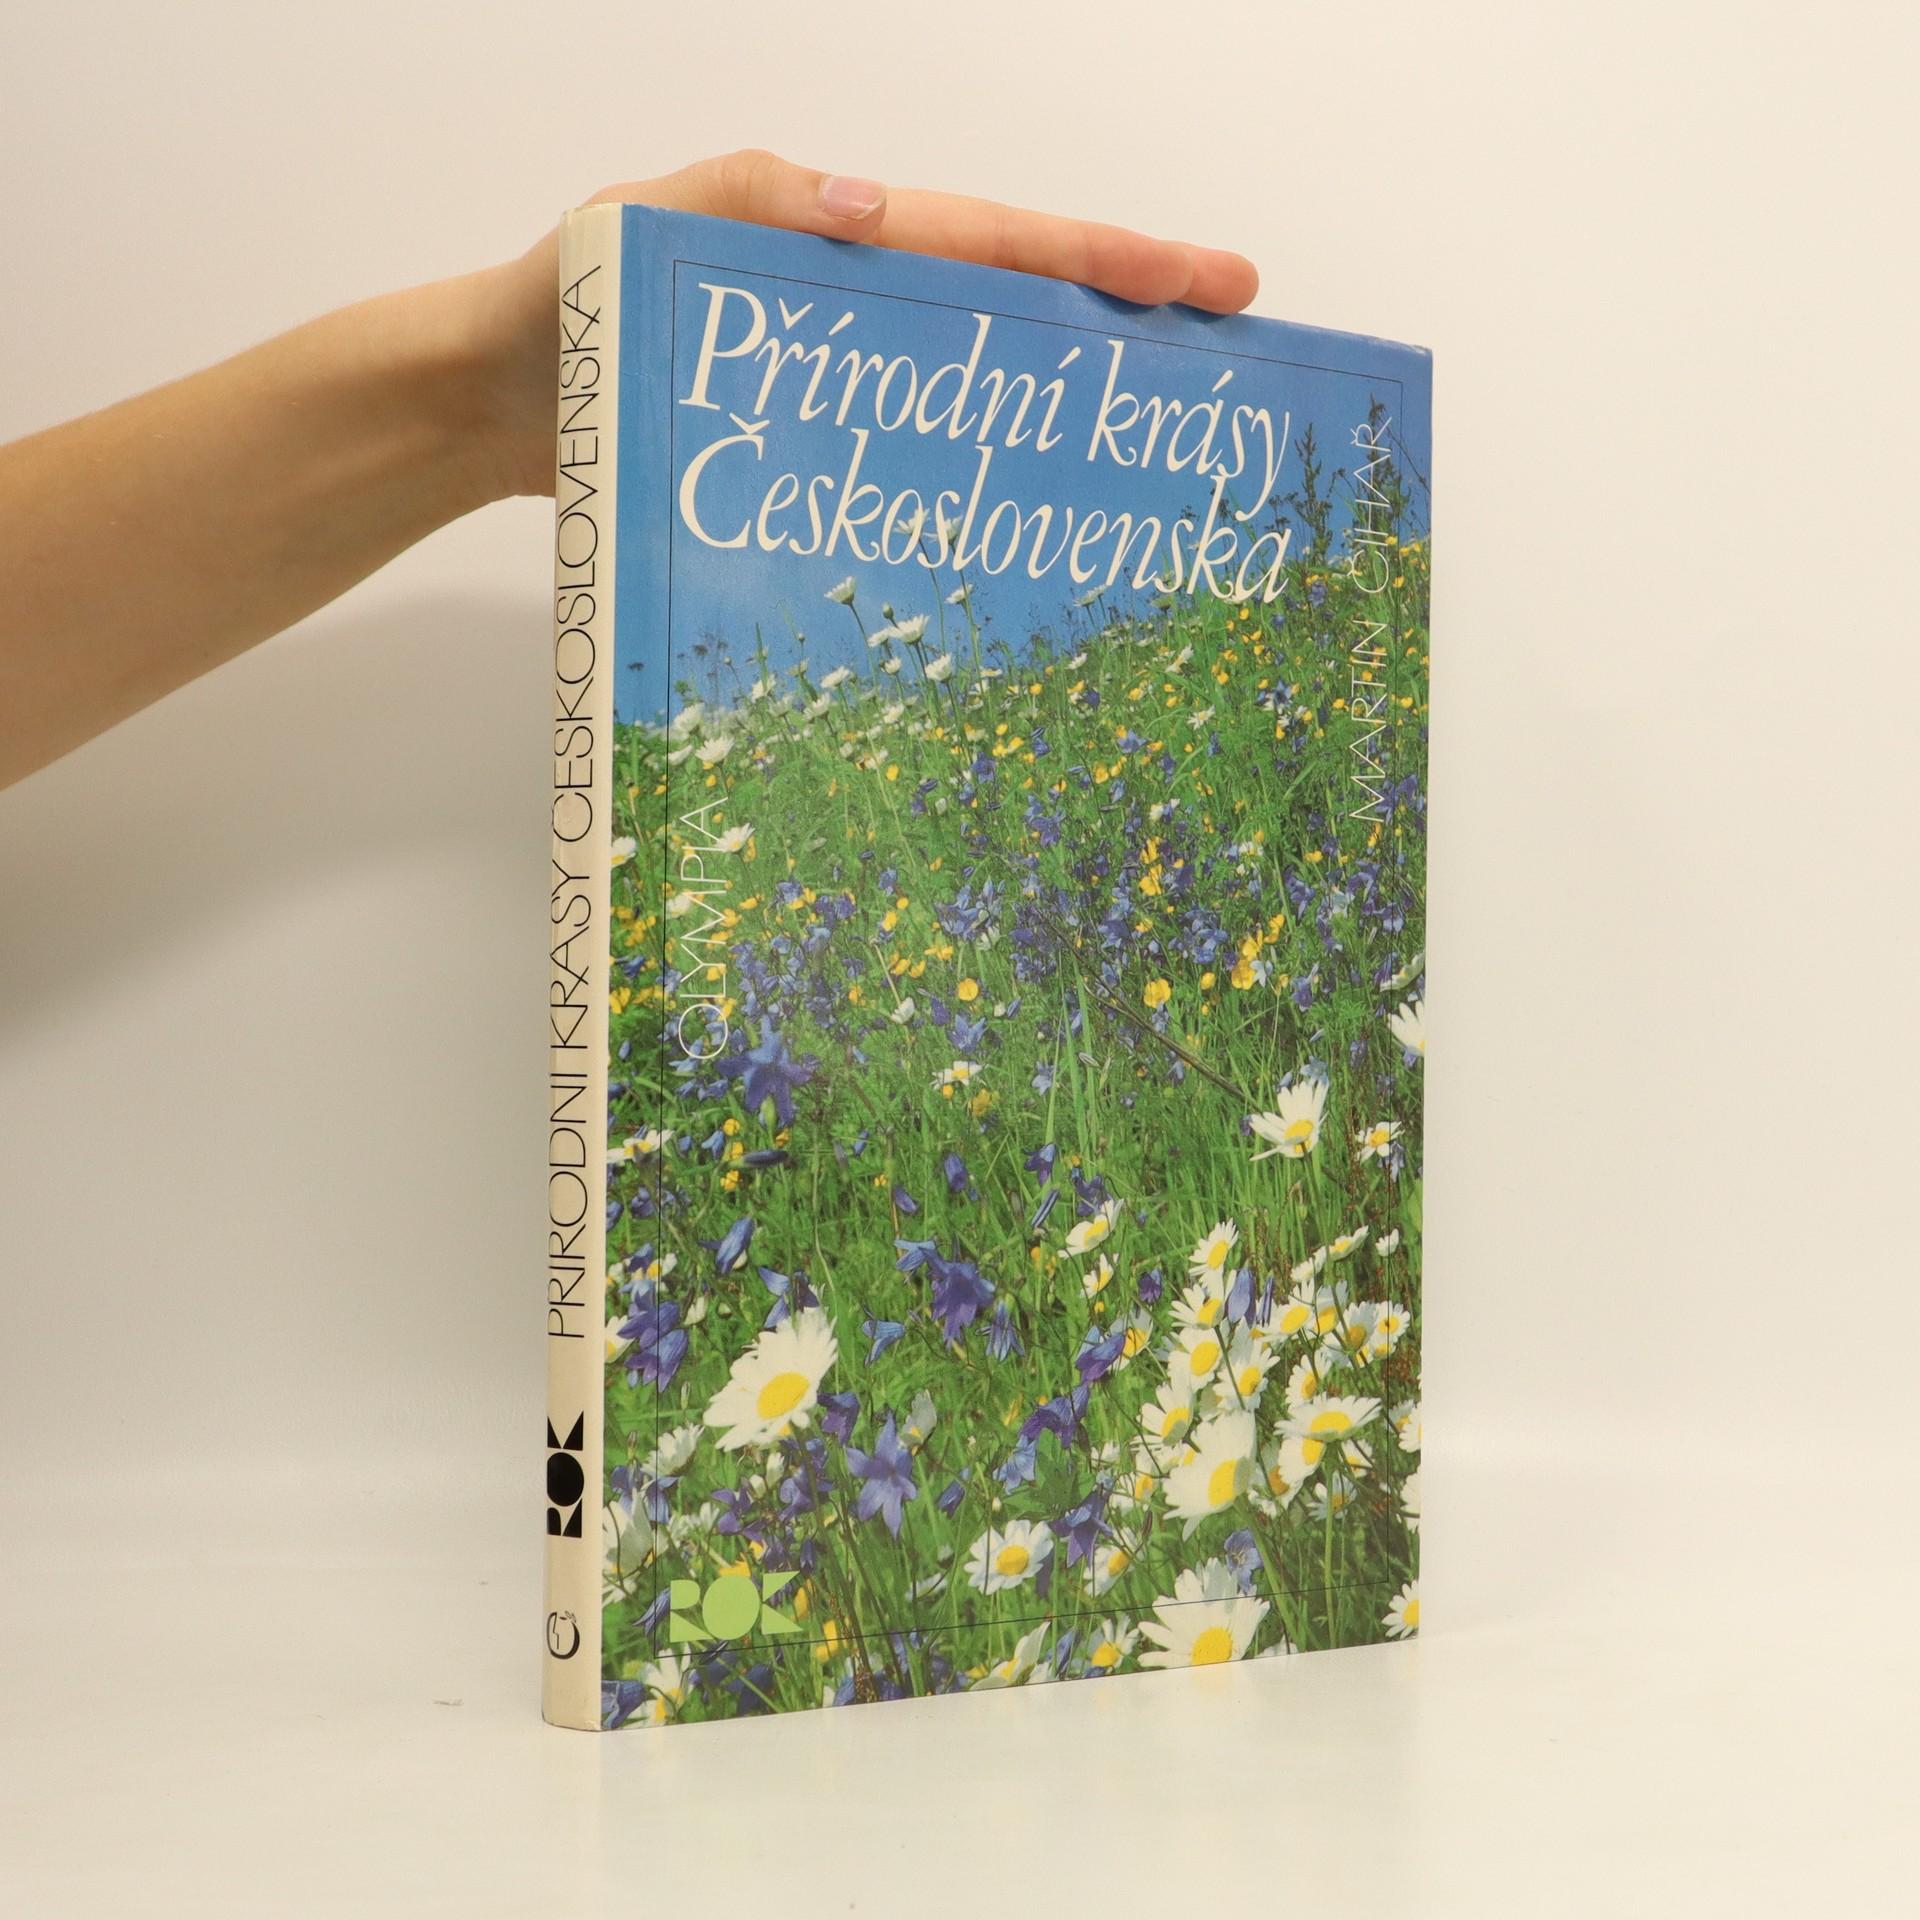 antikvární kniha Přírodní krásy Československa, 1989